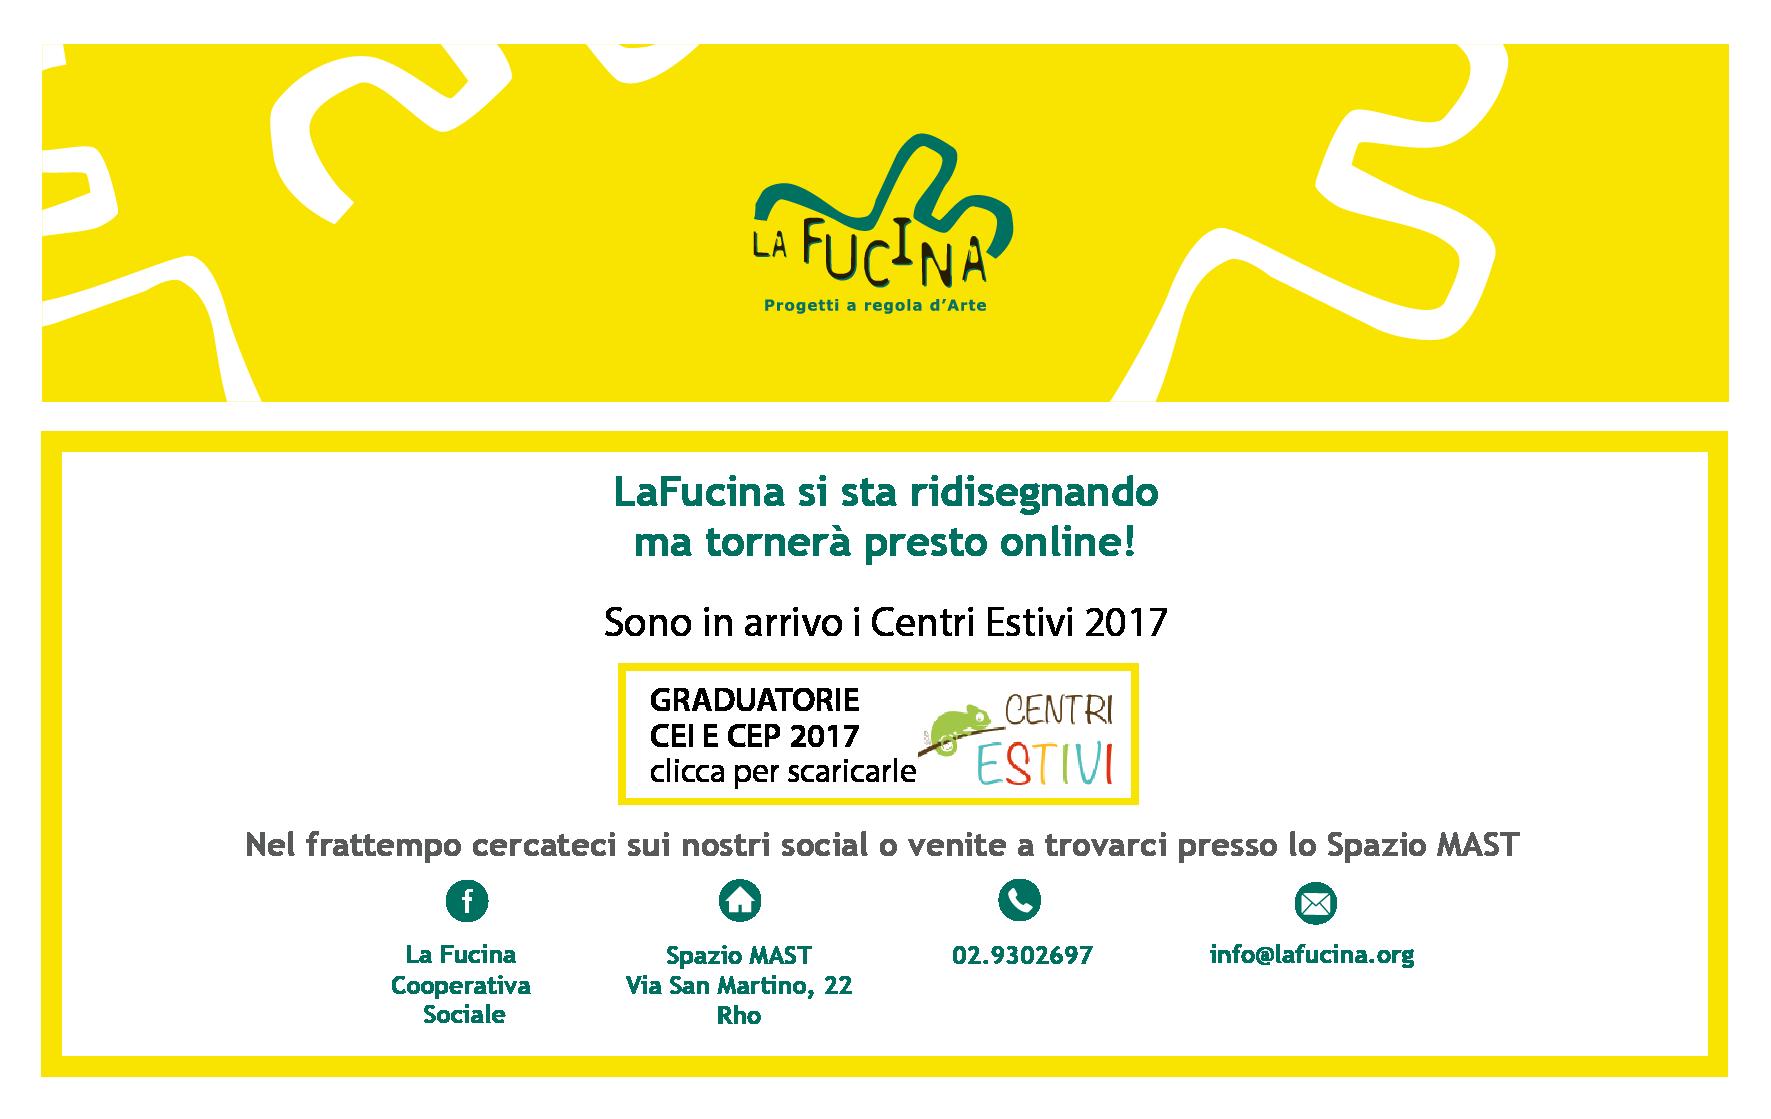 www.lafucina.org